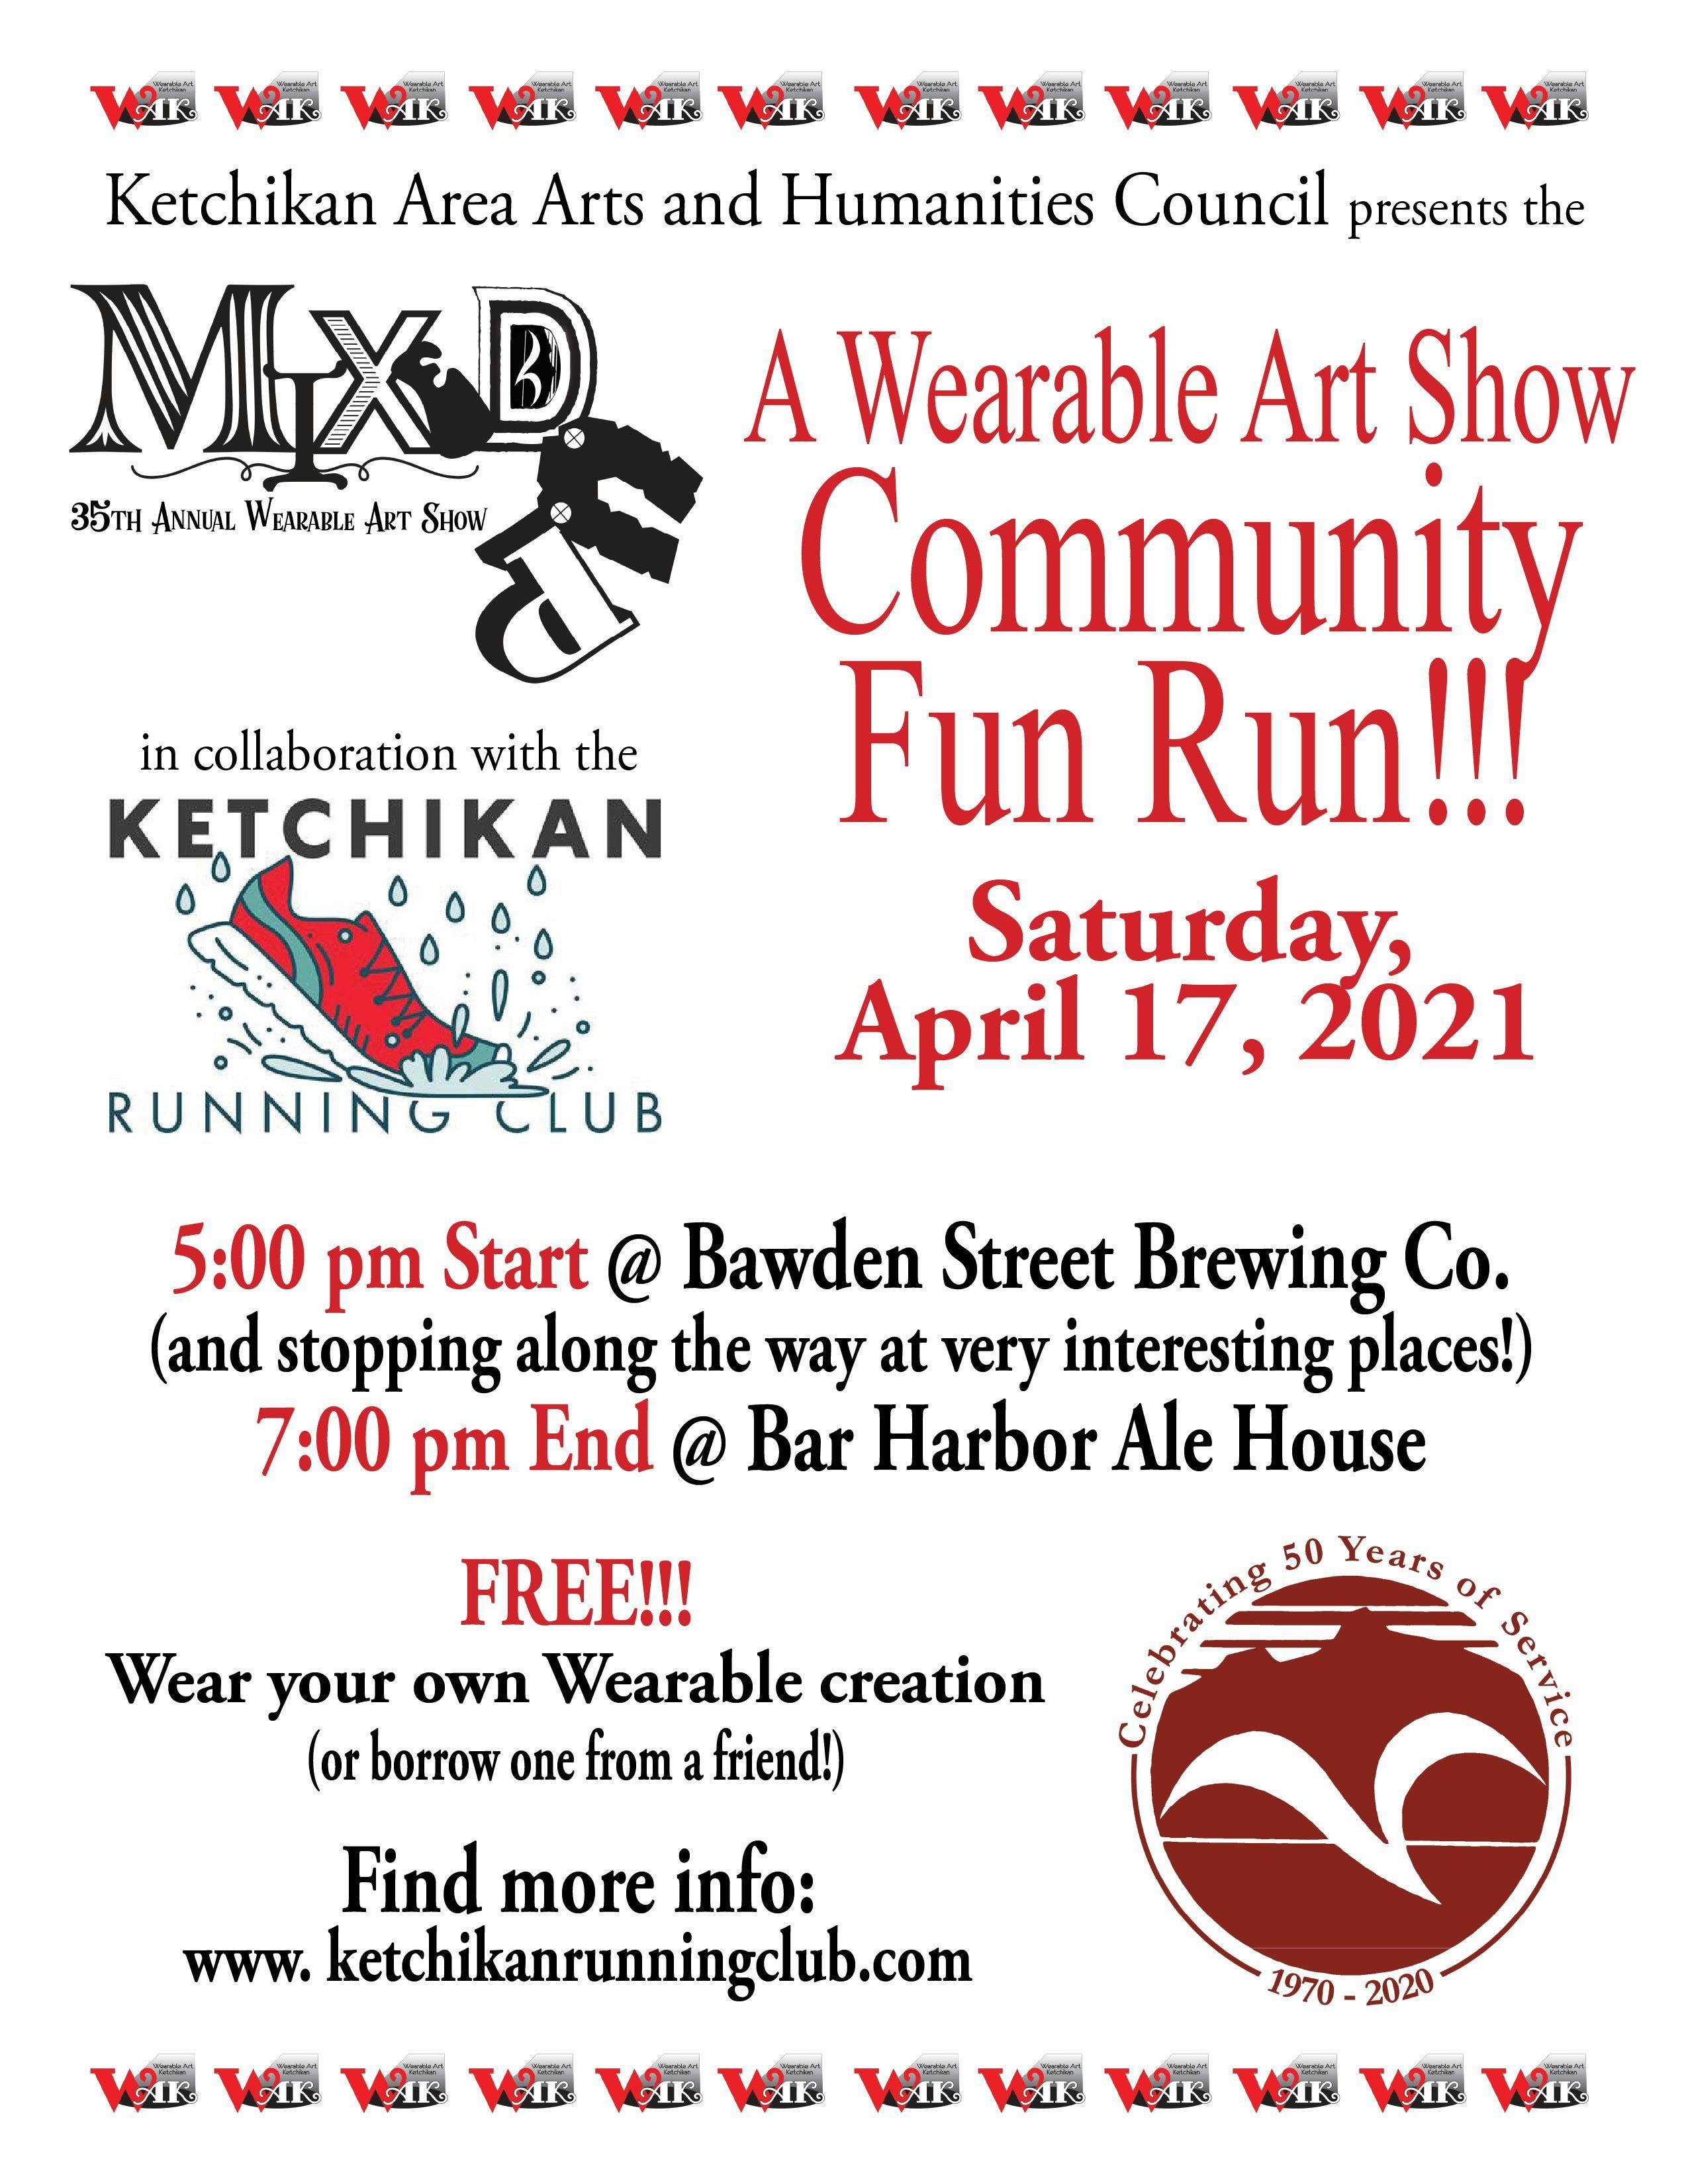 A Wearable Art Show Community Fun Run!